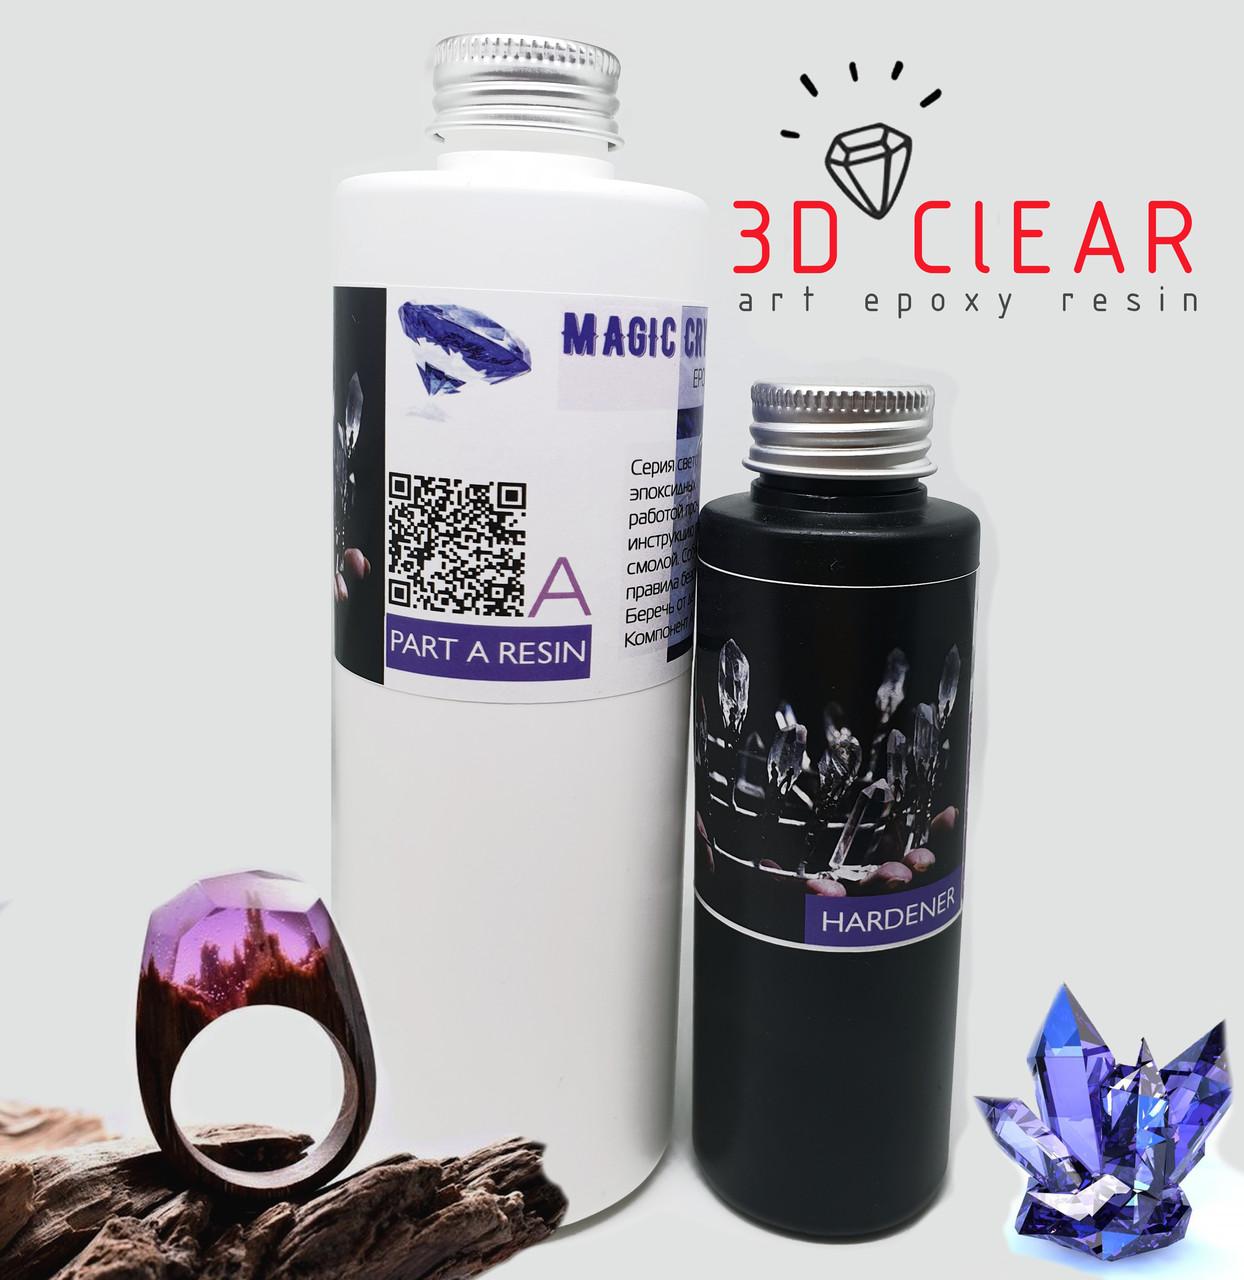 Magic Crystal 3D Clear-жидкая и идеально прозрачная смола для украшений и декора (уп-ка пробник 260 г)